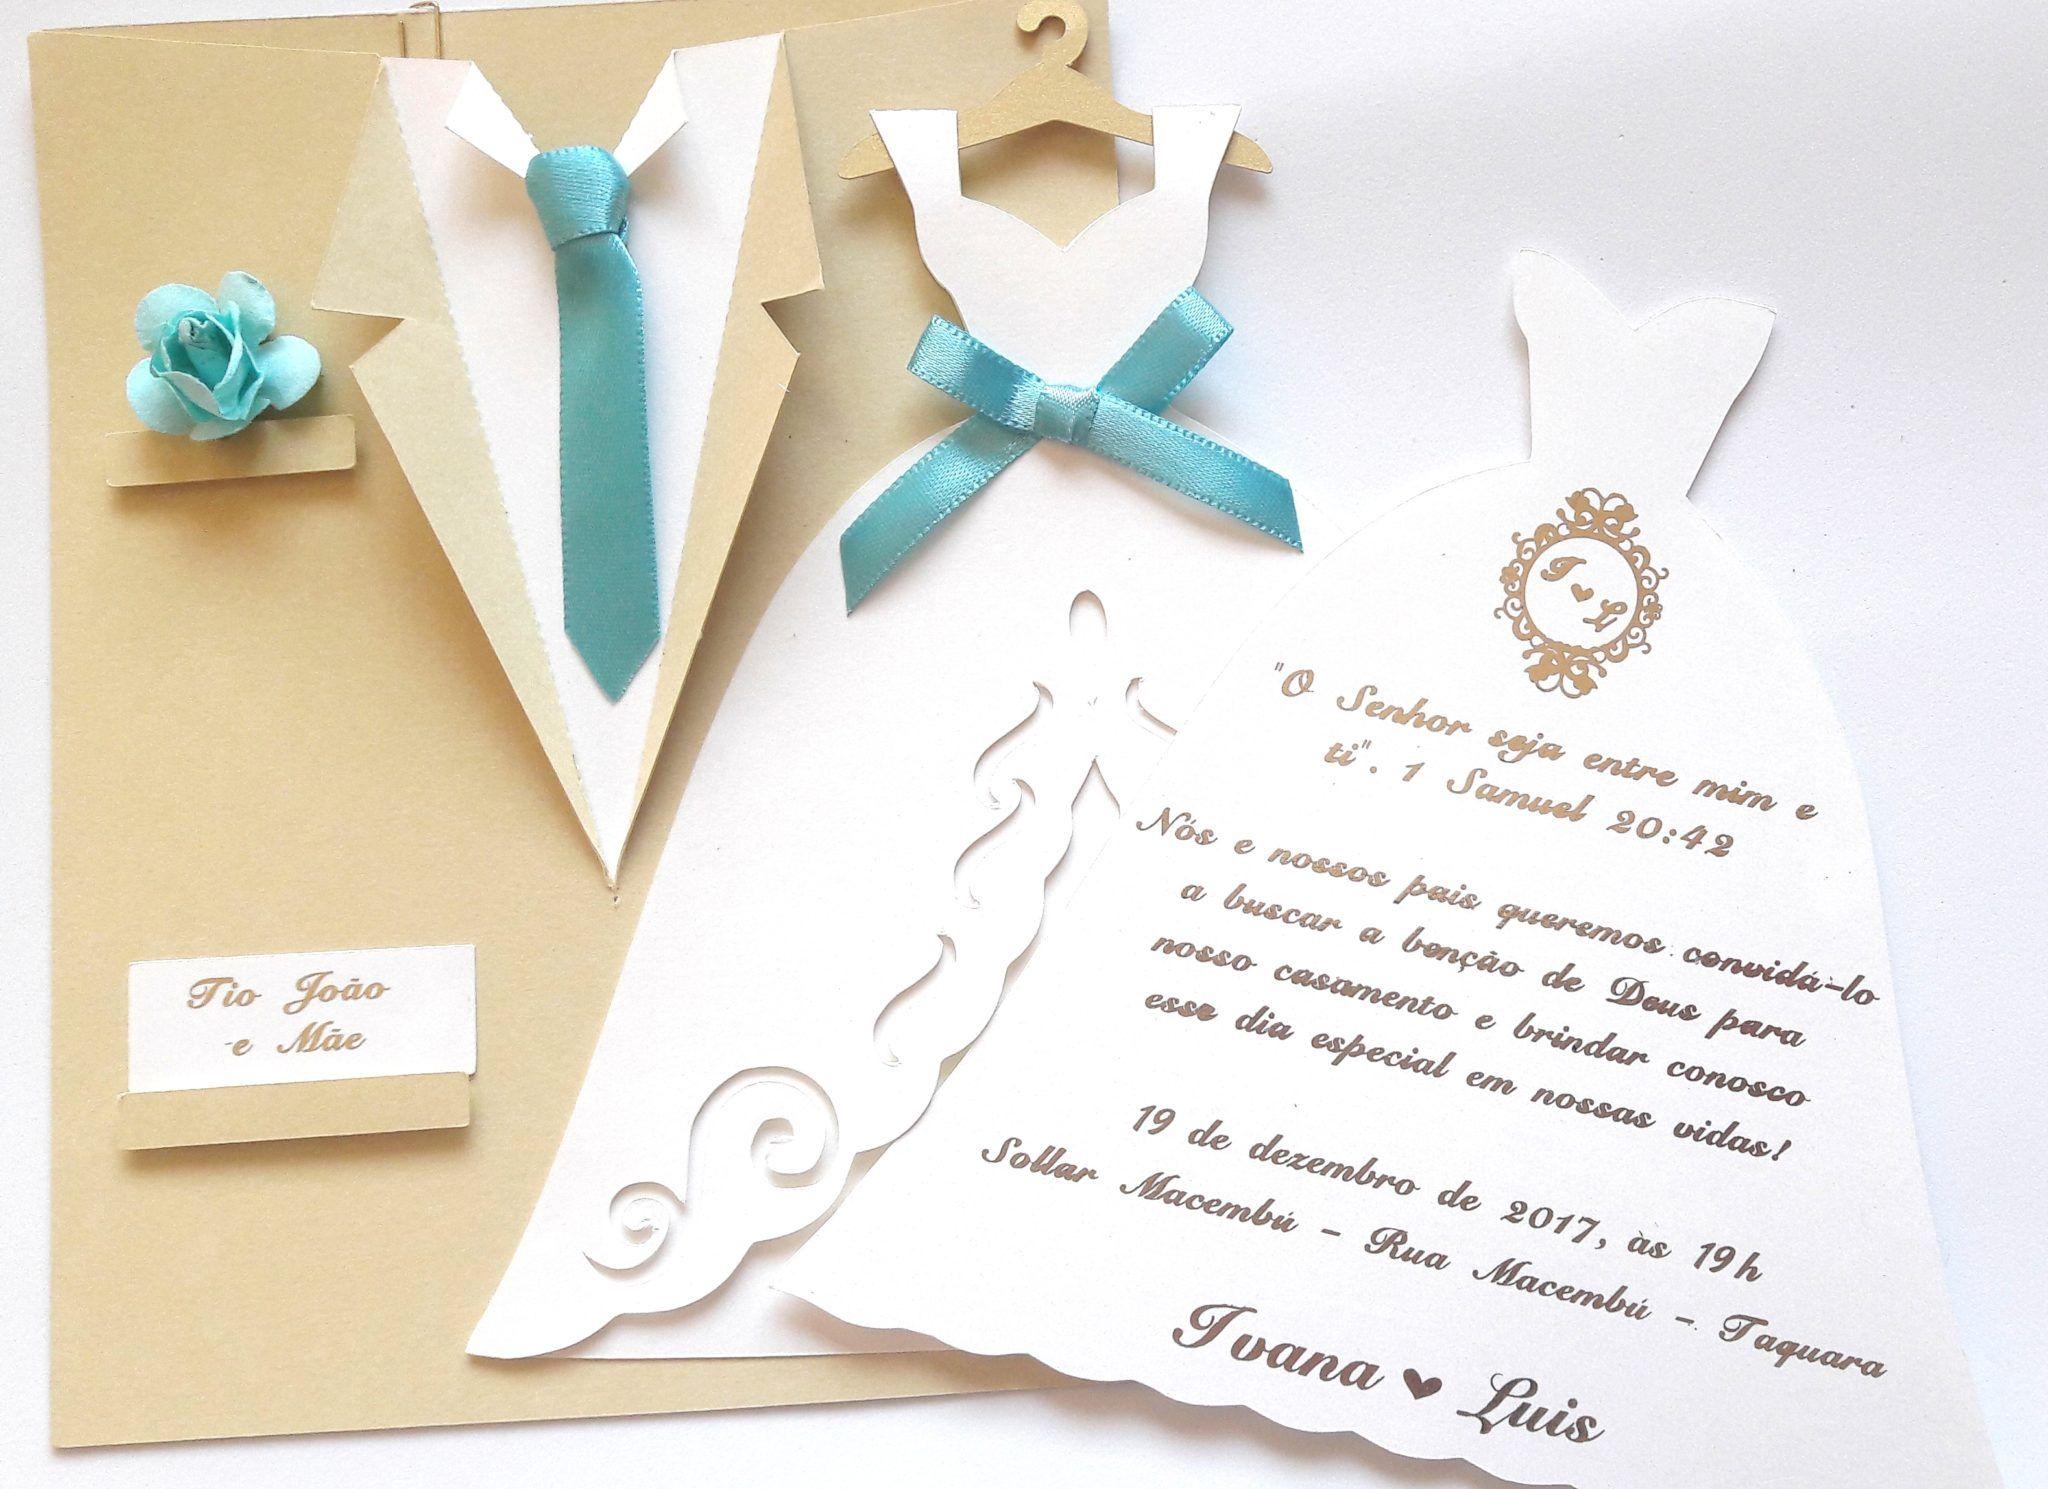 Lidiamacedo Convite De Casamento Casamento Comprar Convites De